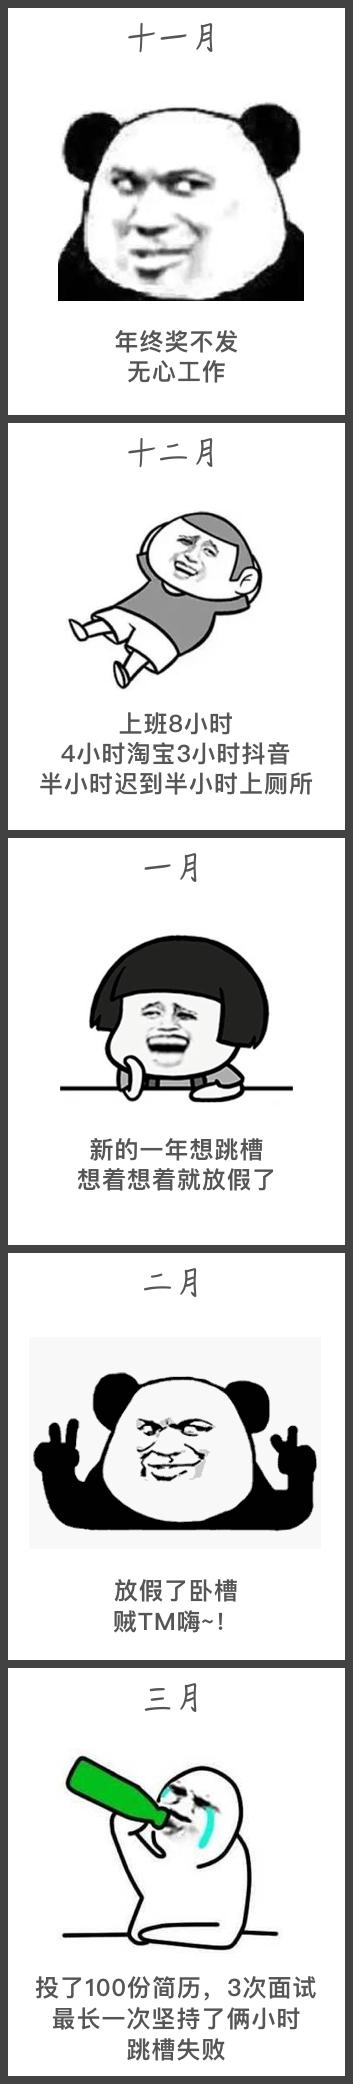 涛哥转行表情包2.jpg